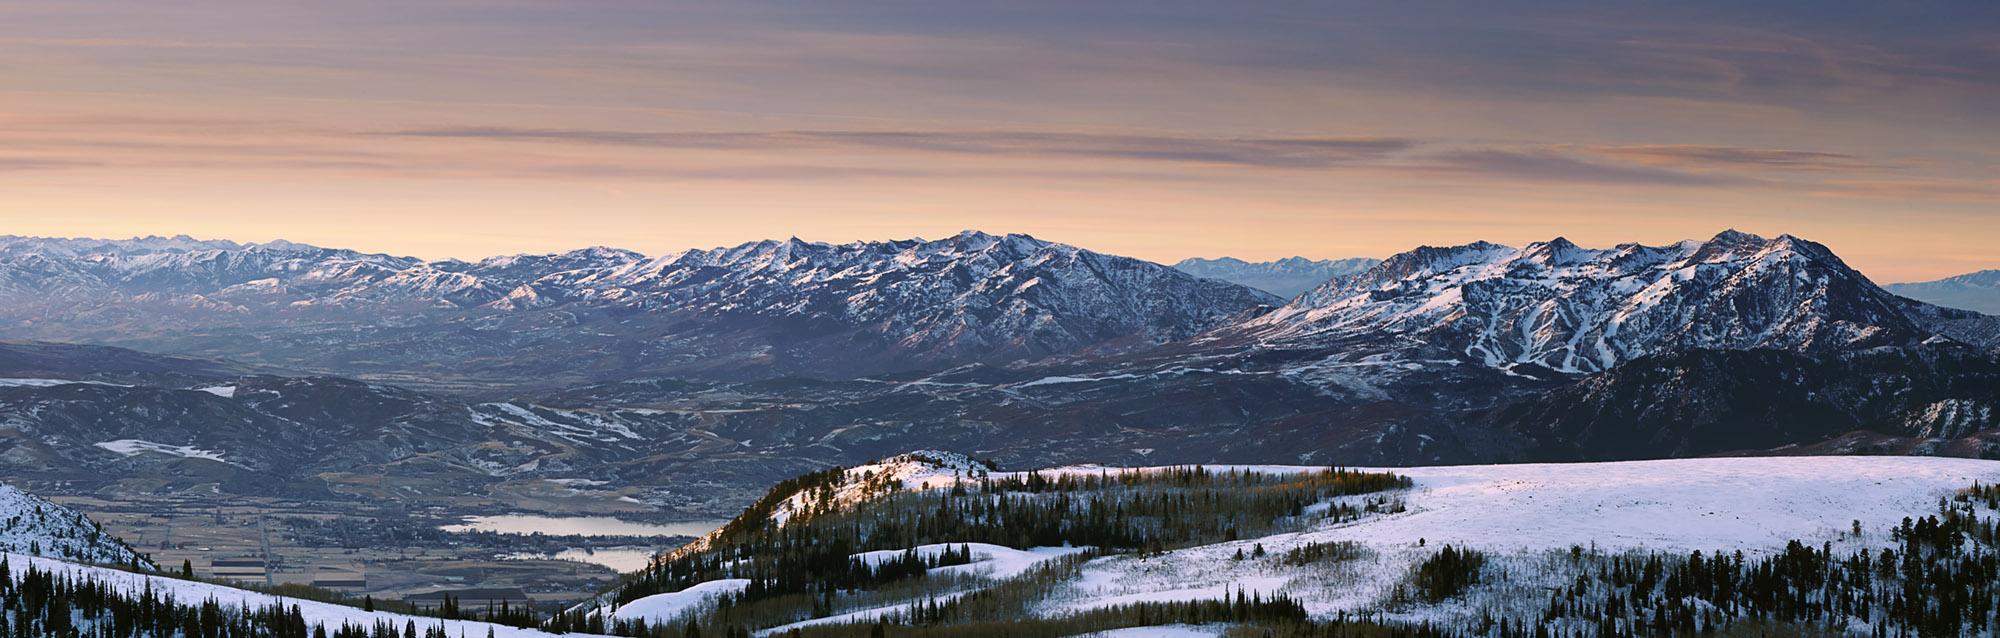 SnowBasin_Panorama1.jpg